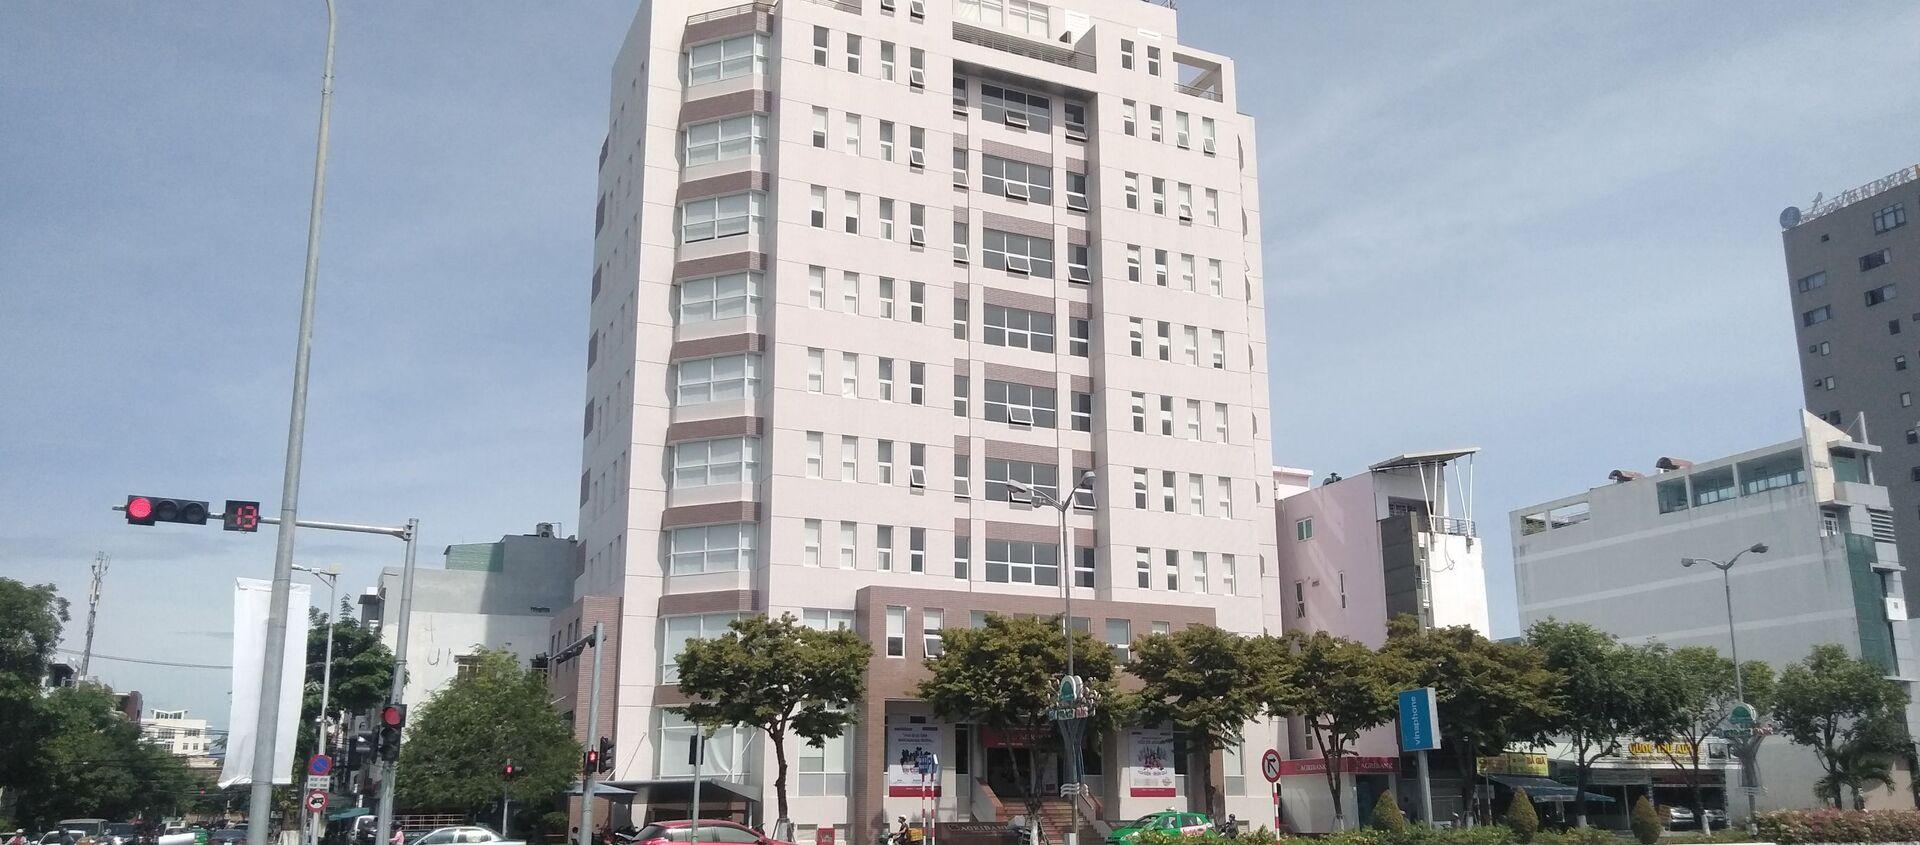 Tòa nhà văn phòng trung tâm Agribank. - Sputnik Việt Nam, 1920, 14.06.2021